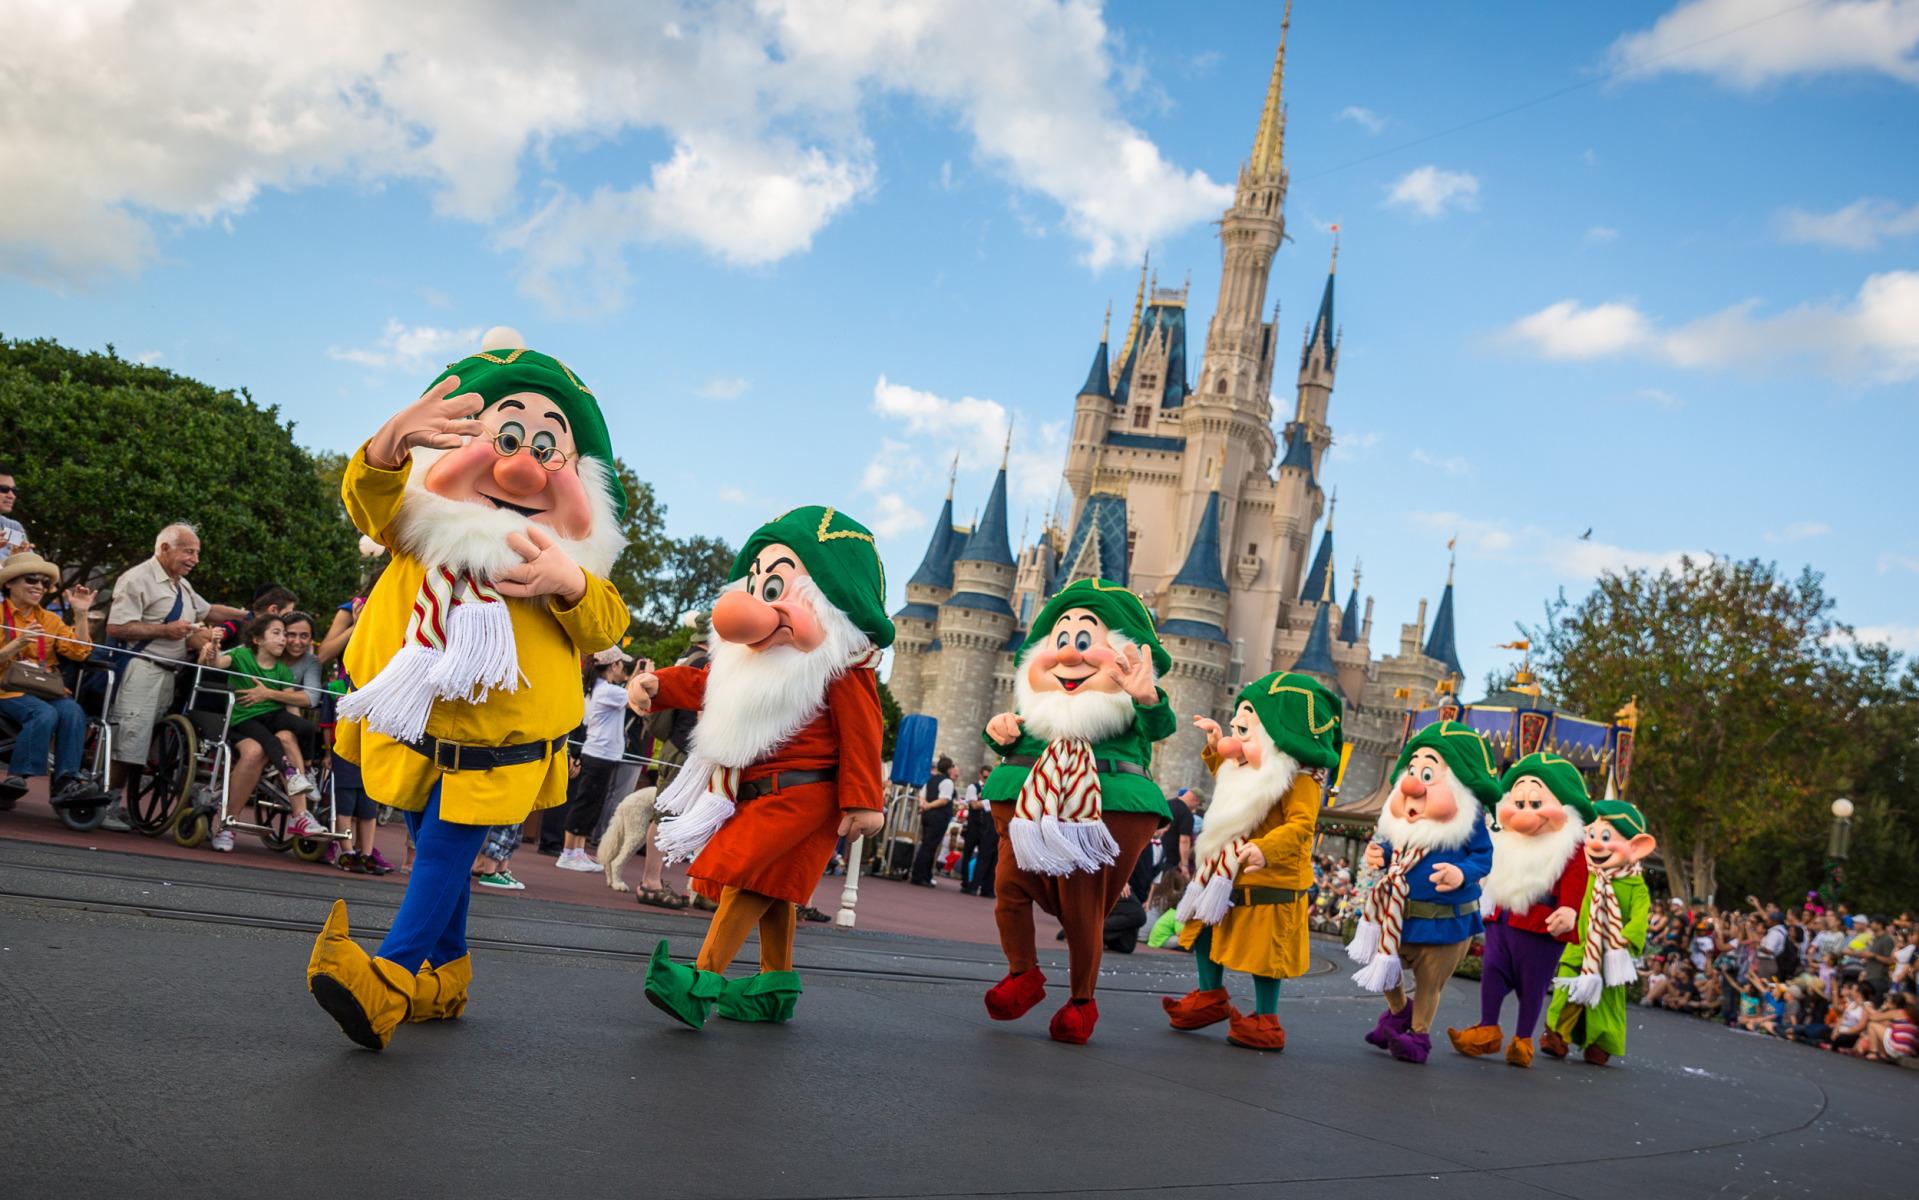 Parade at Magic Kingdom Walt Disney World the Seven Dwarfs 1919x1200